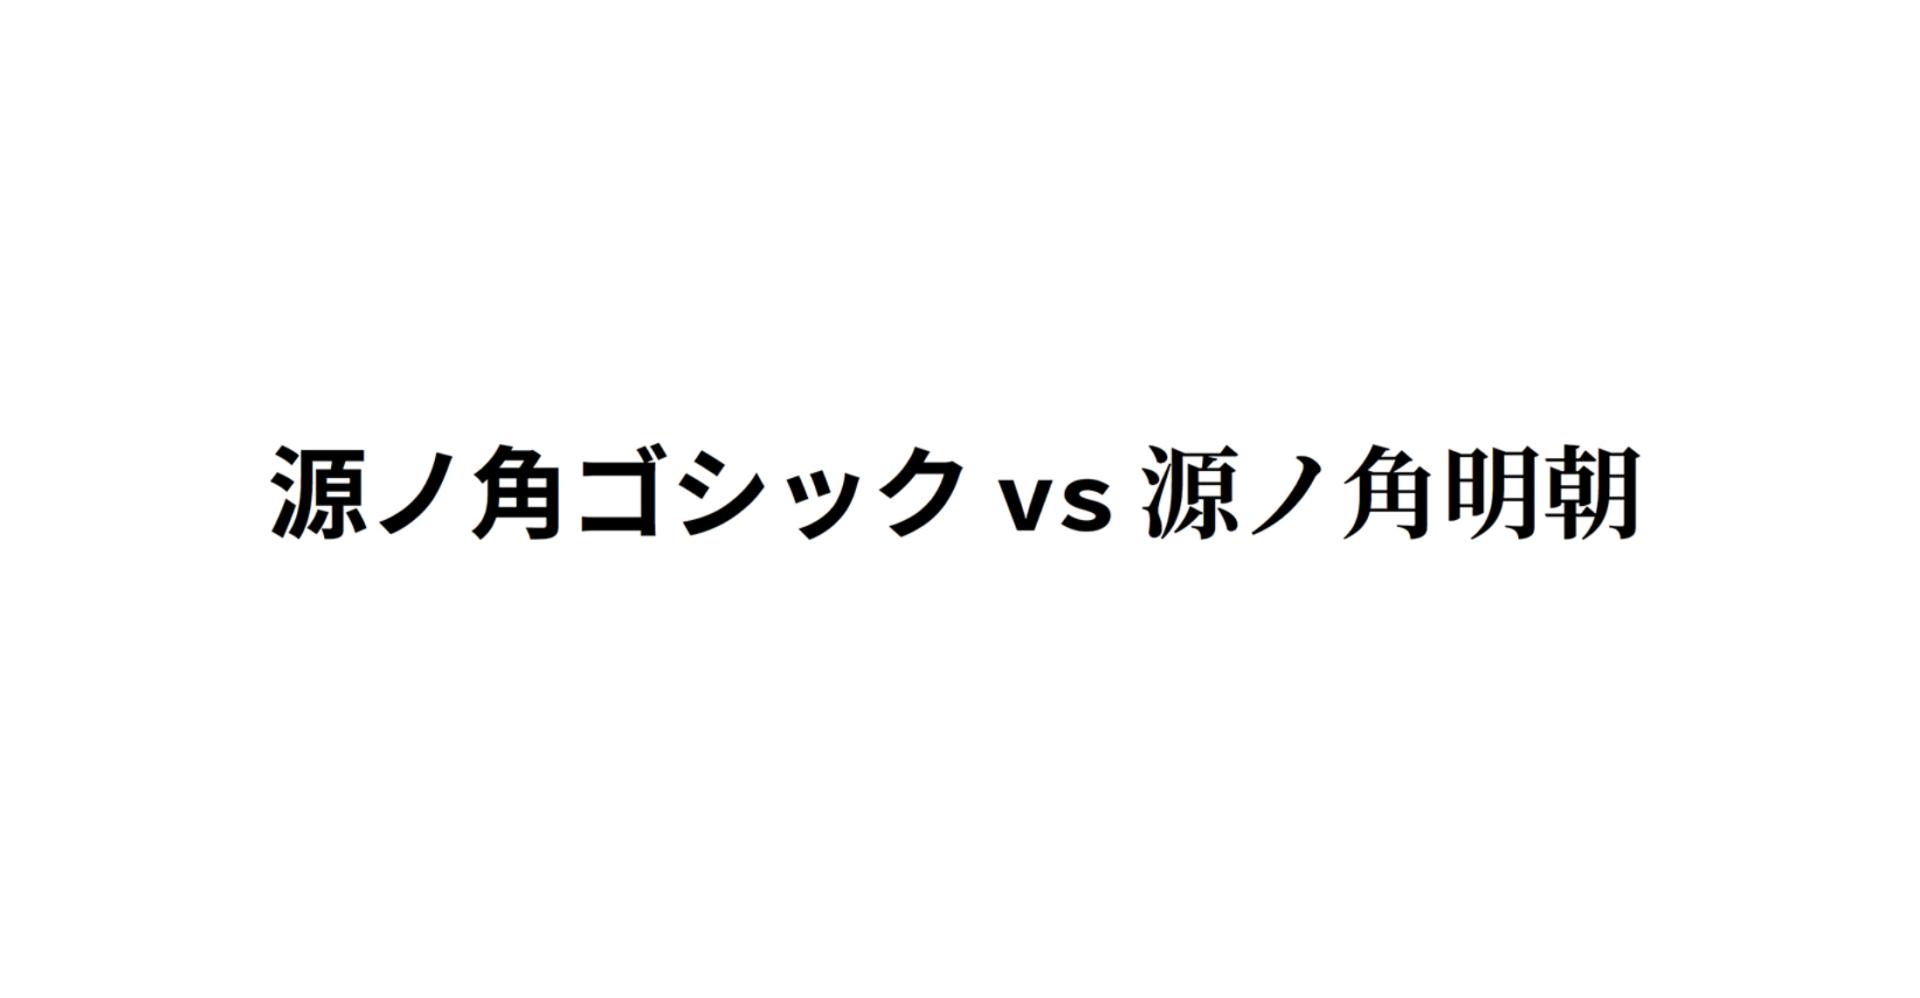 思源黑体 vs 思源宋体